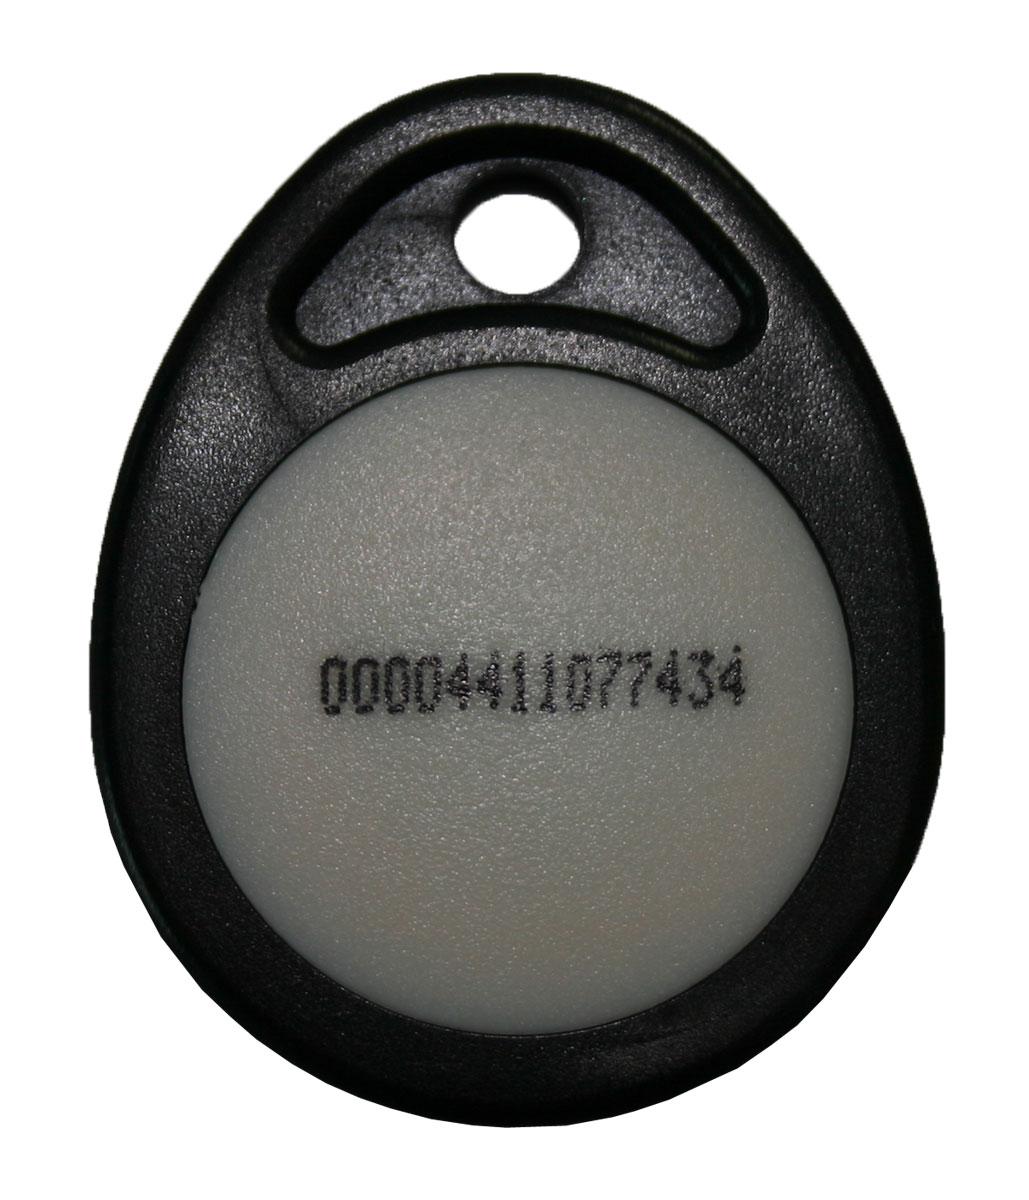 badge electromagnétique de proximité - controle d'accès - trebi france - faptrebi - bricometal